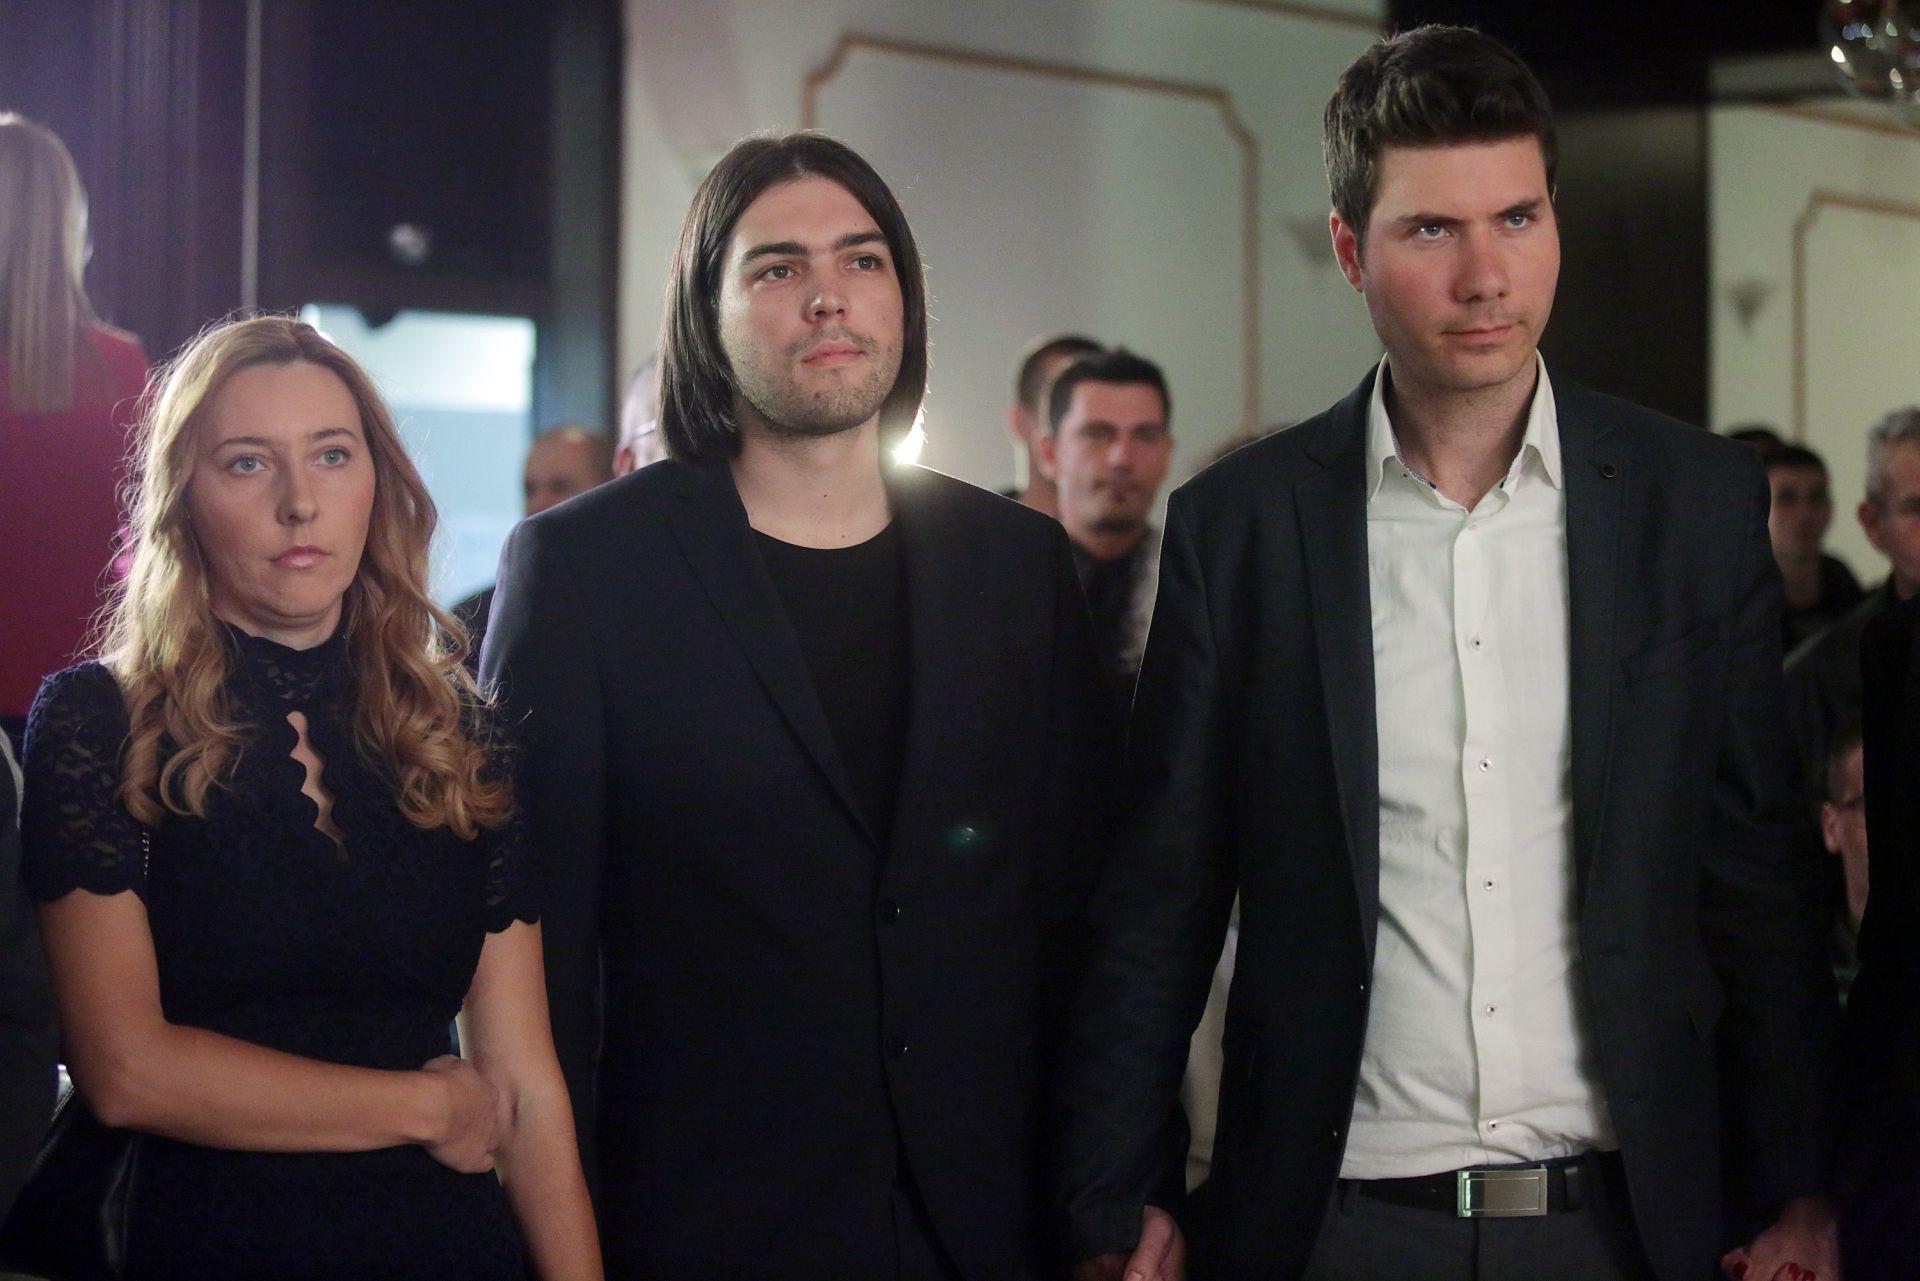 PO DRUGI PUT: Sinčić, Palfi i Pernar ponovno osnivaju novu stranku